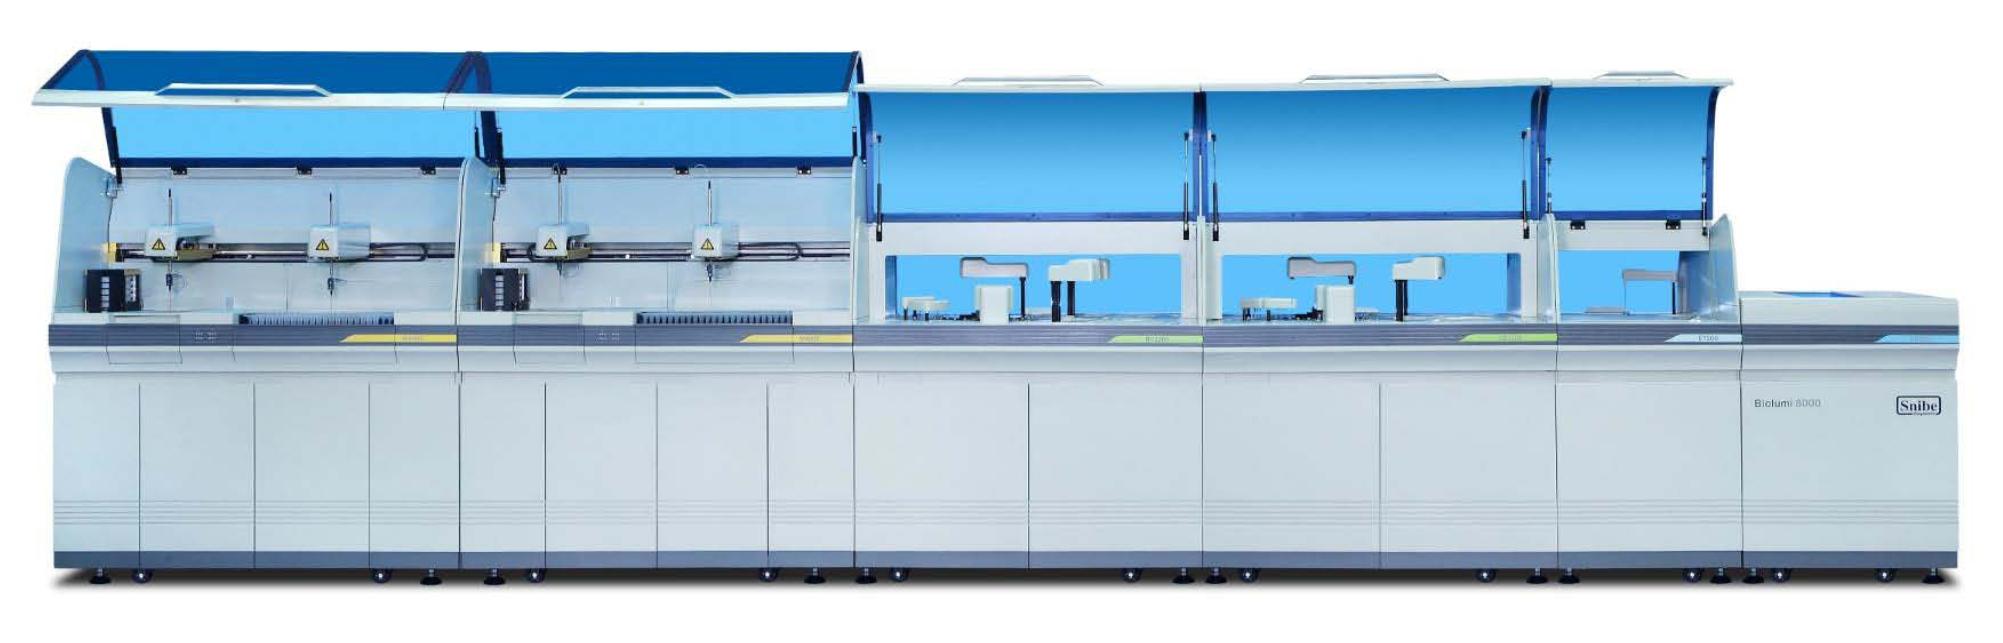 Hệ thống tích hợp Biolumi 8000